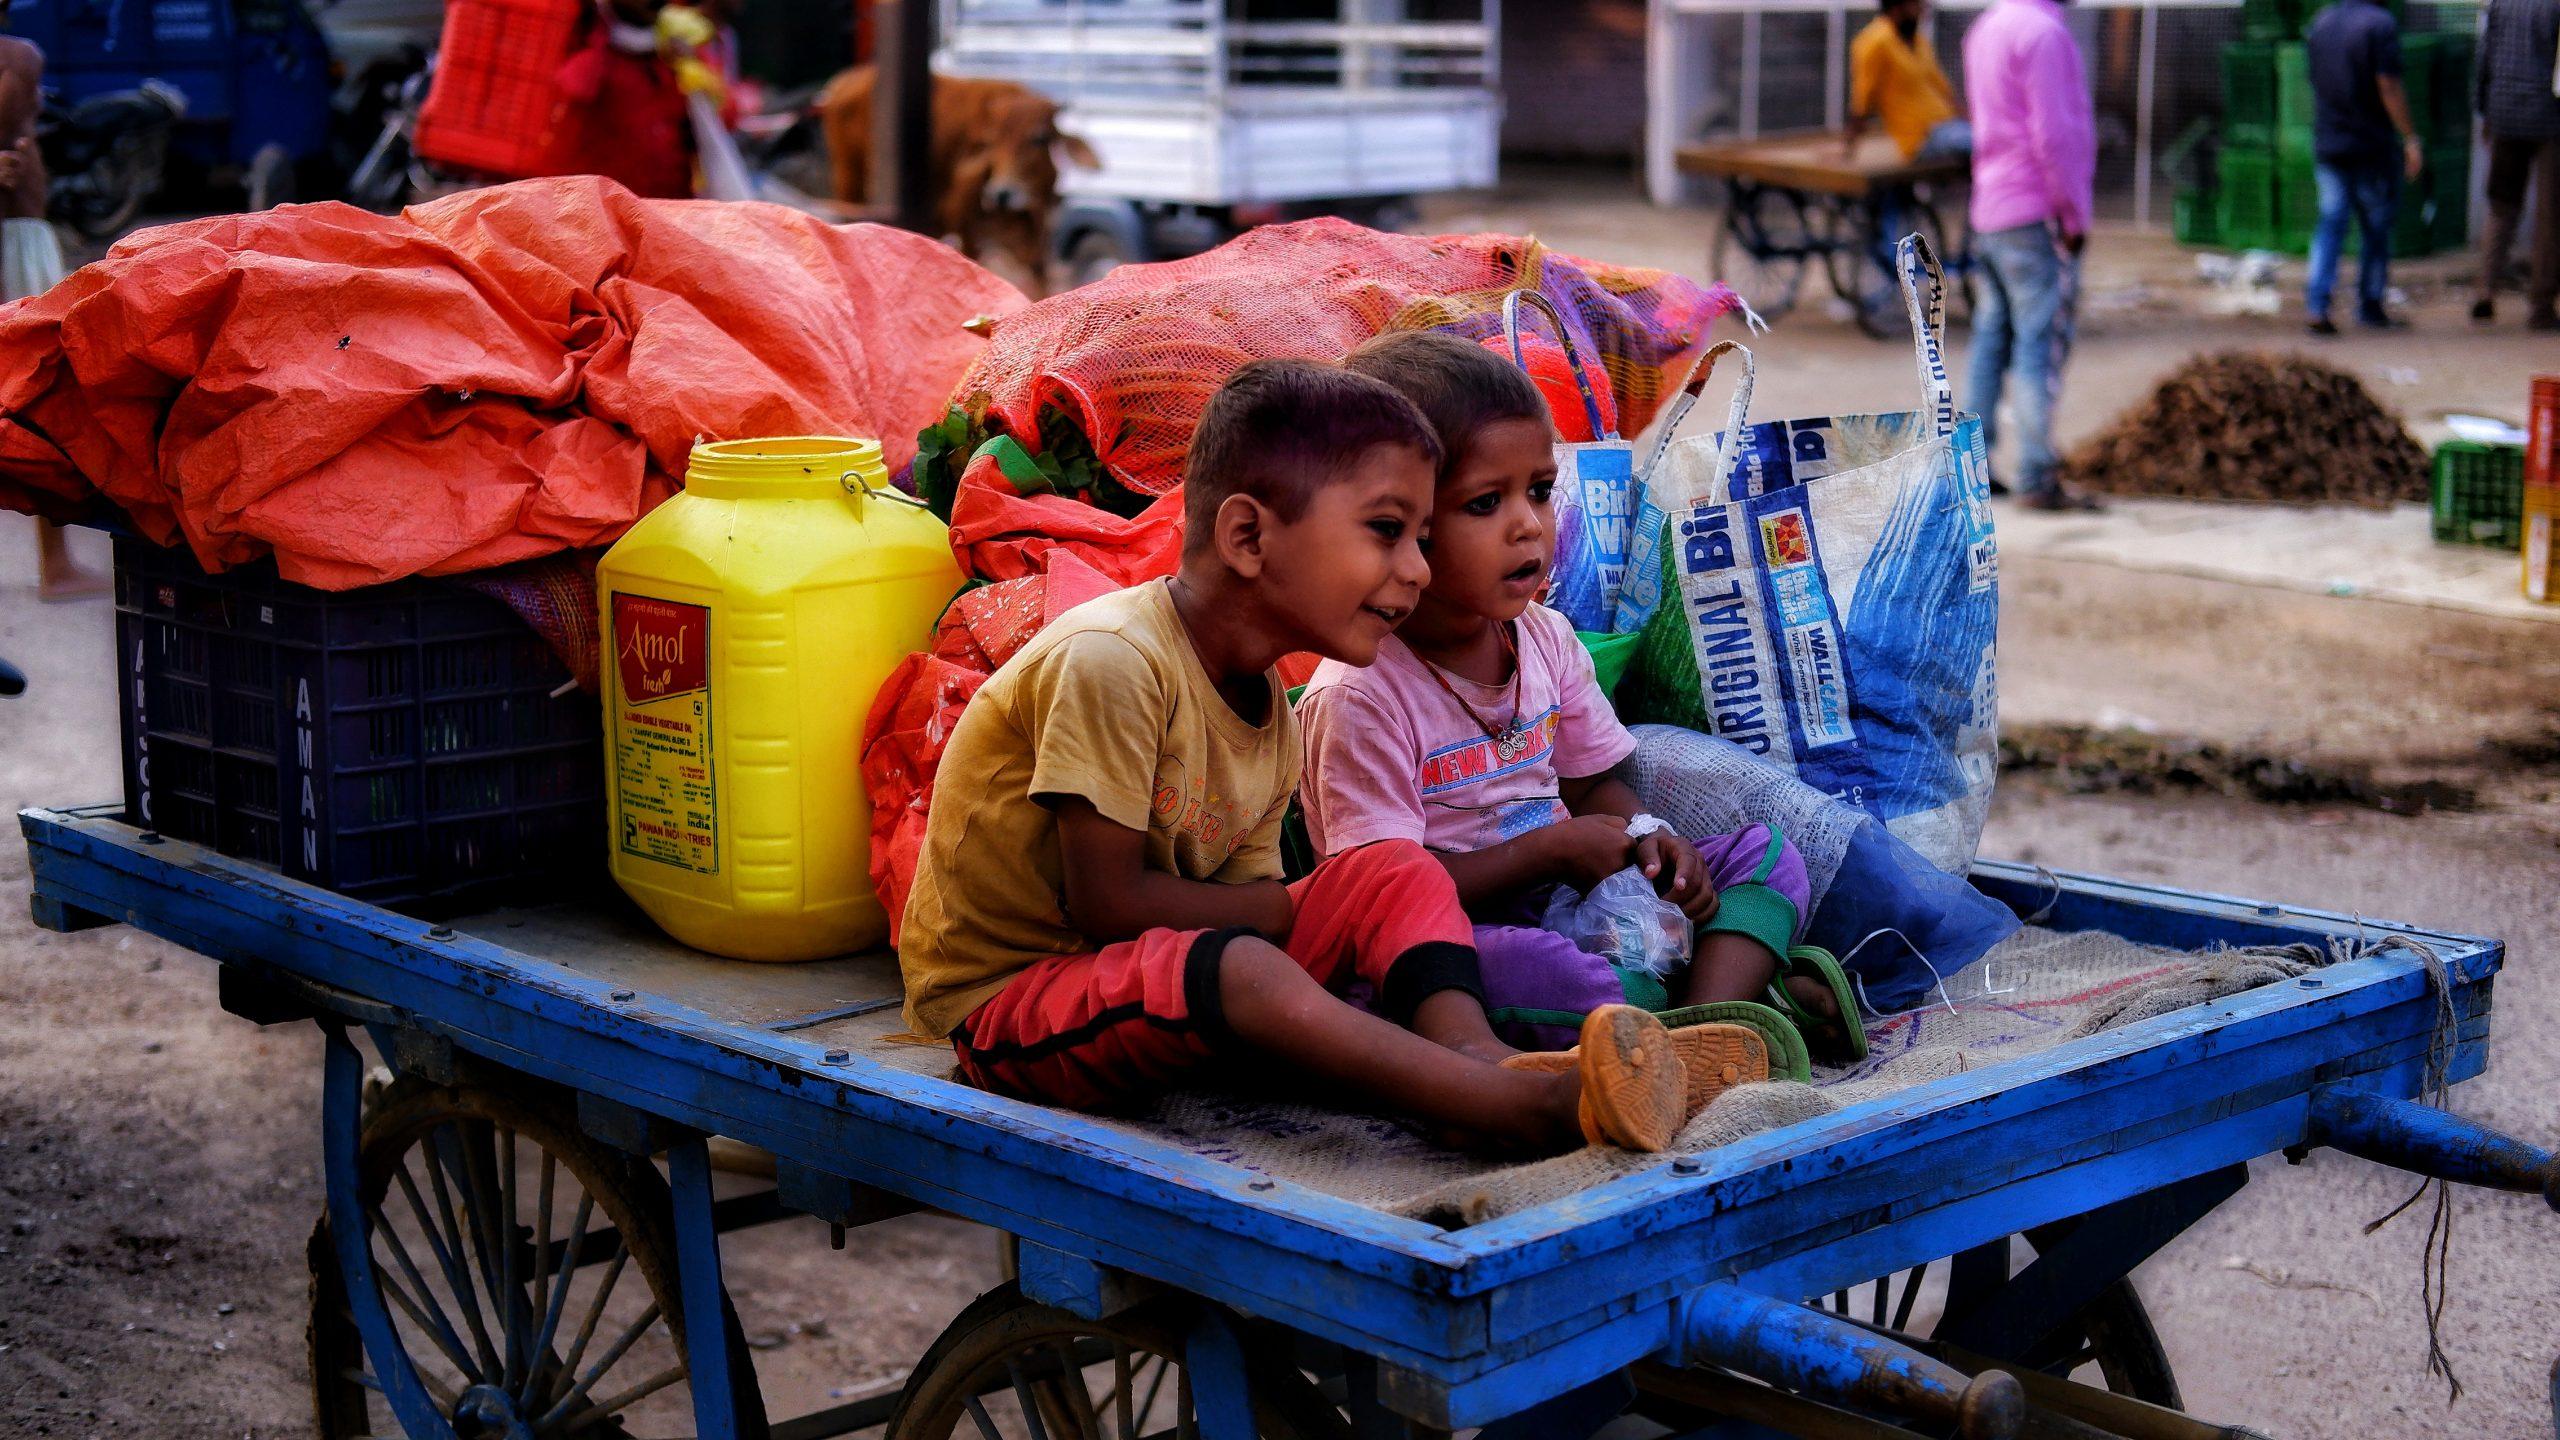 Little kids on a cart